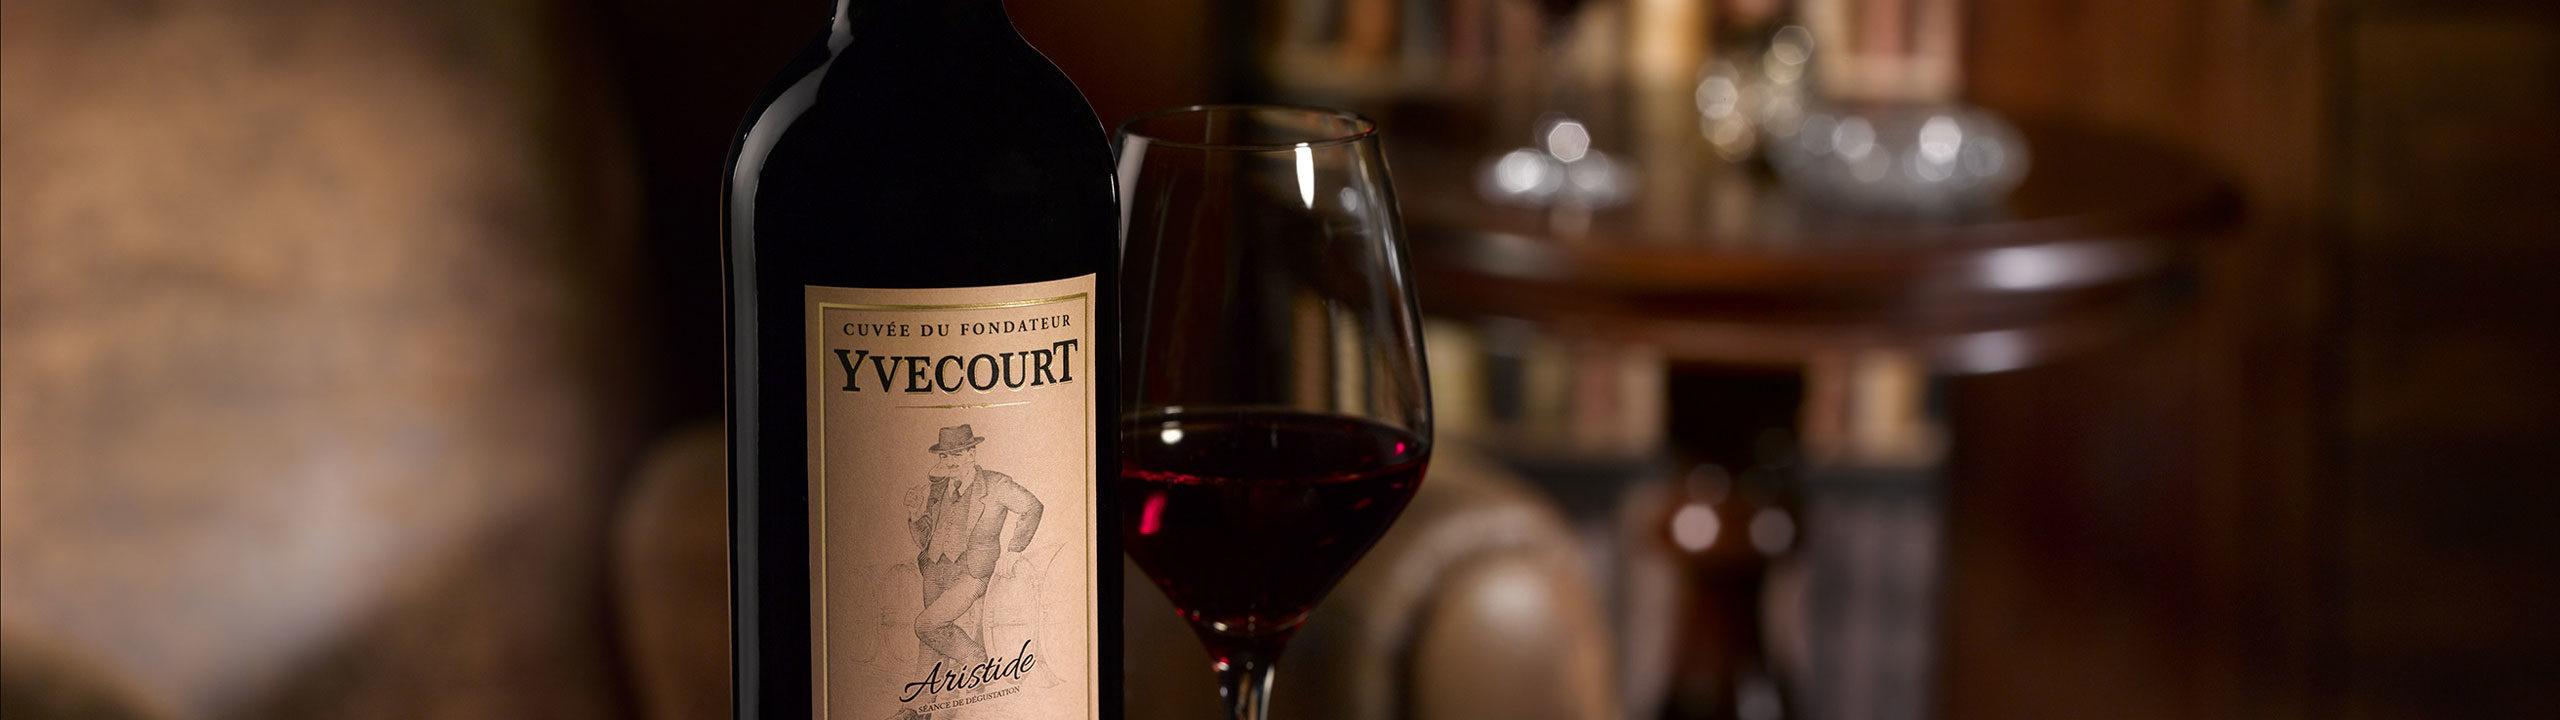 Yvecourt Cuvée du fondateur - Bordeaux